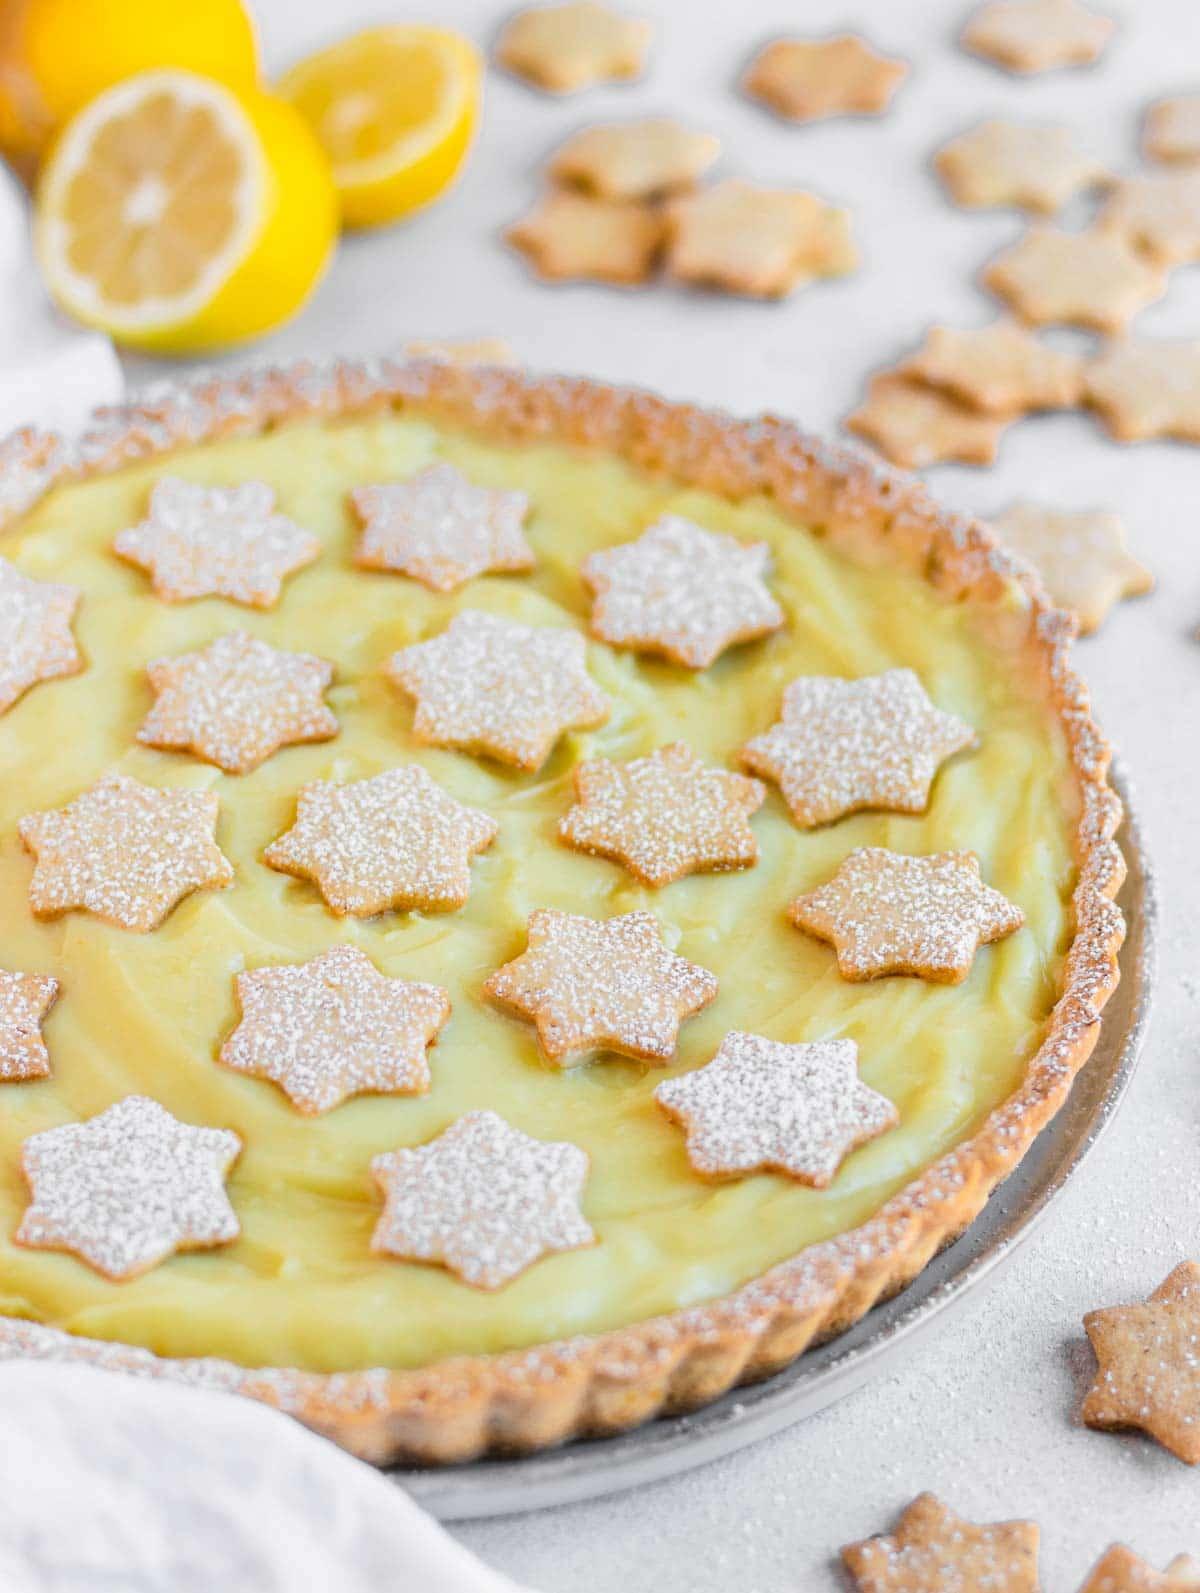 crostata al limone vegan croccante